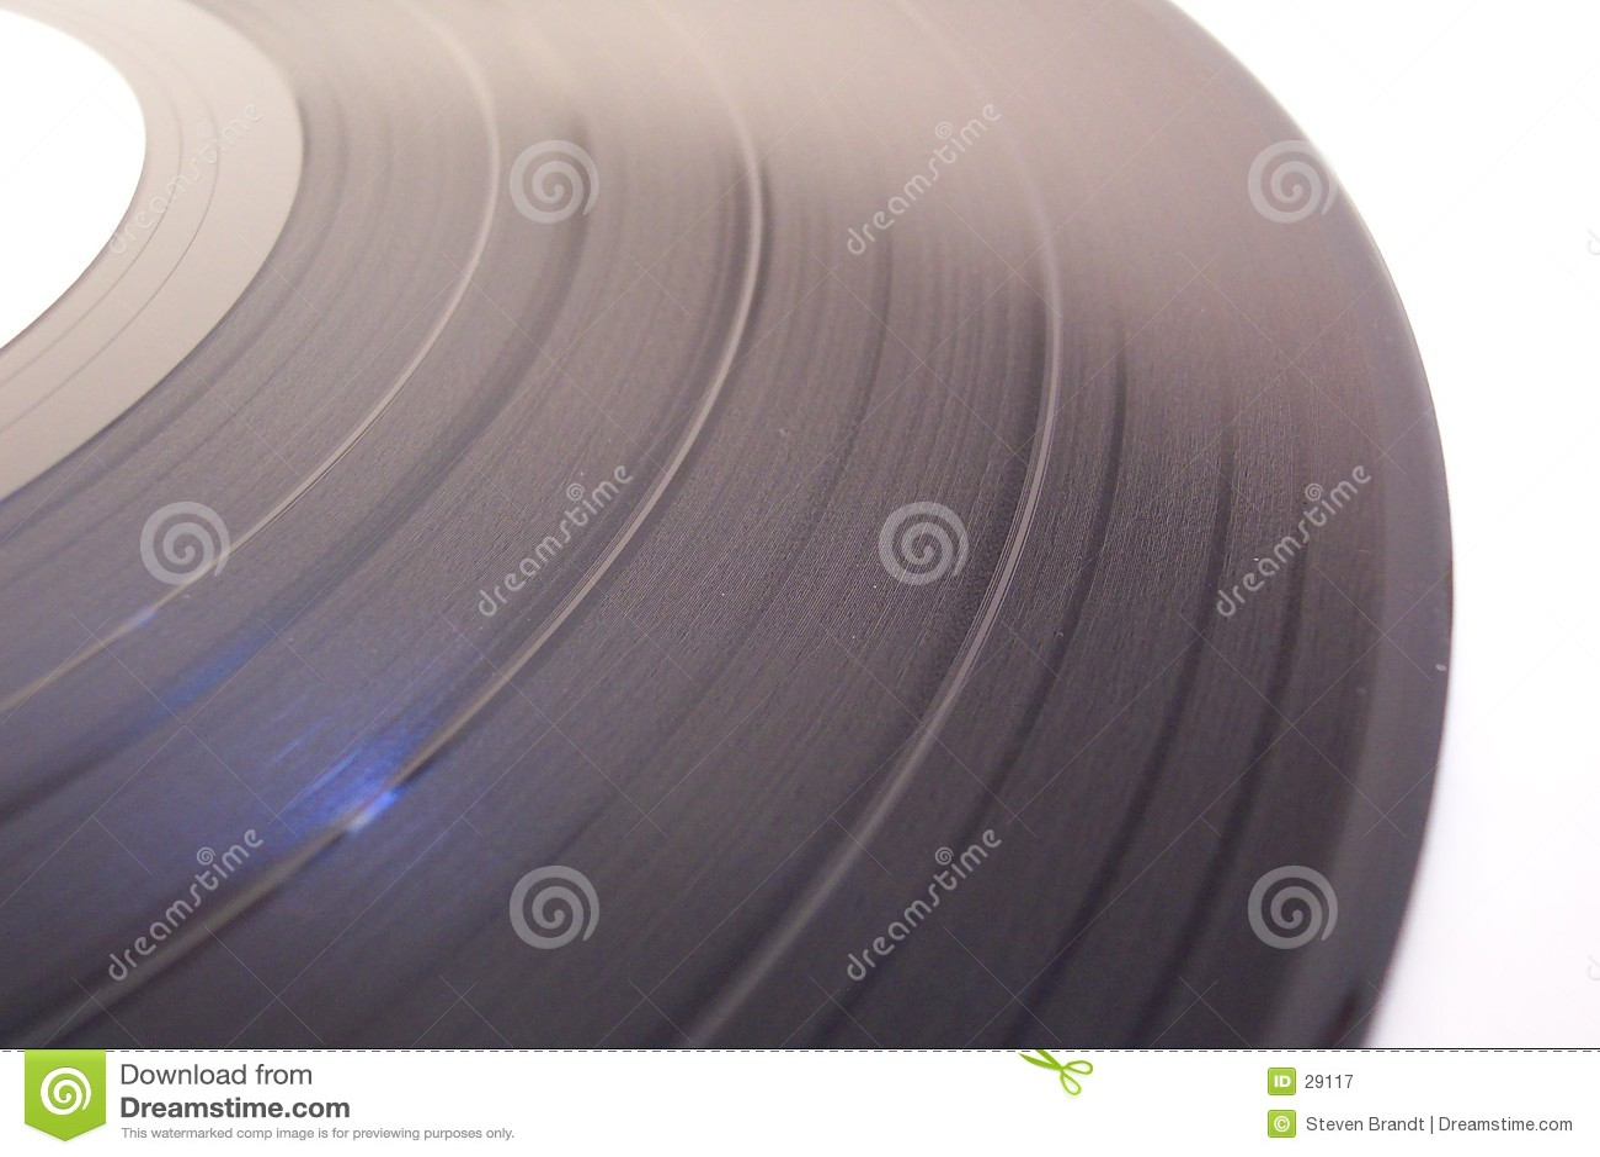 Albumregister